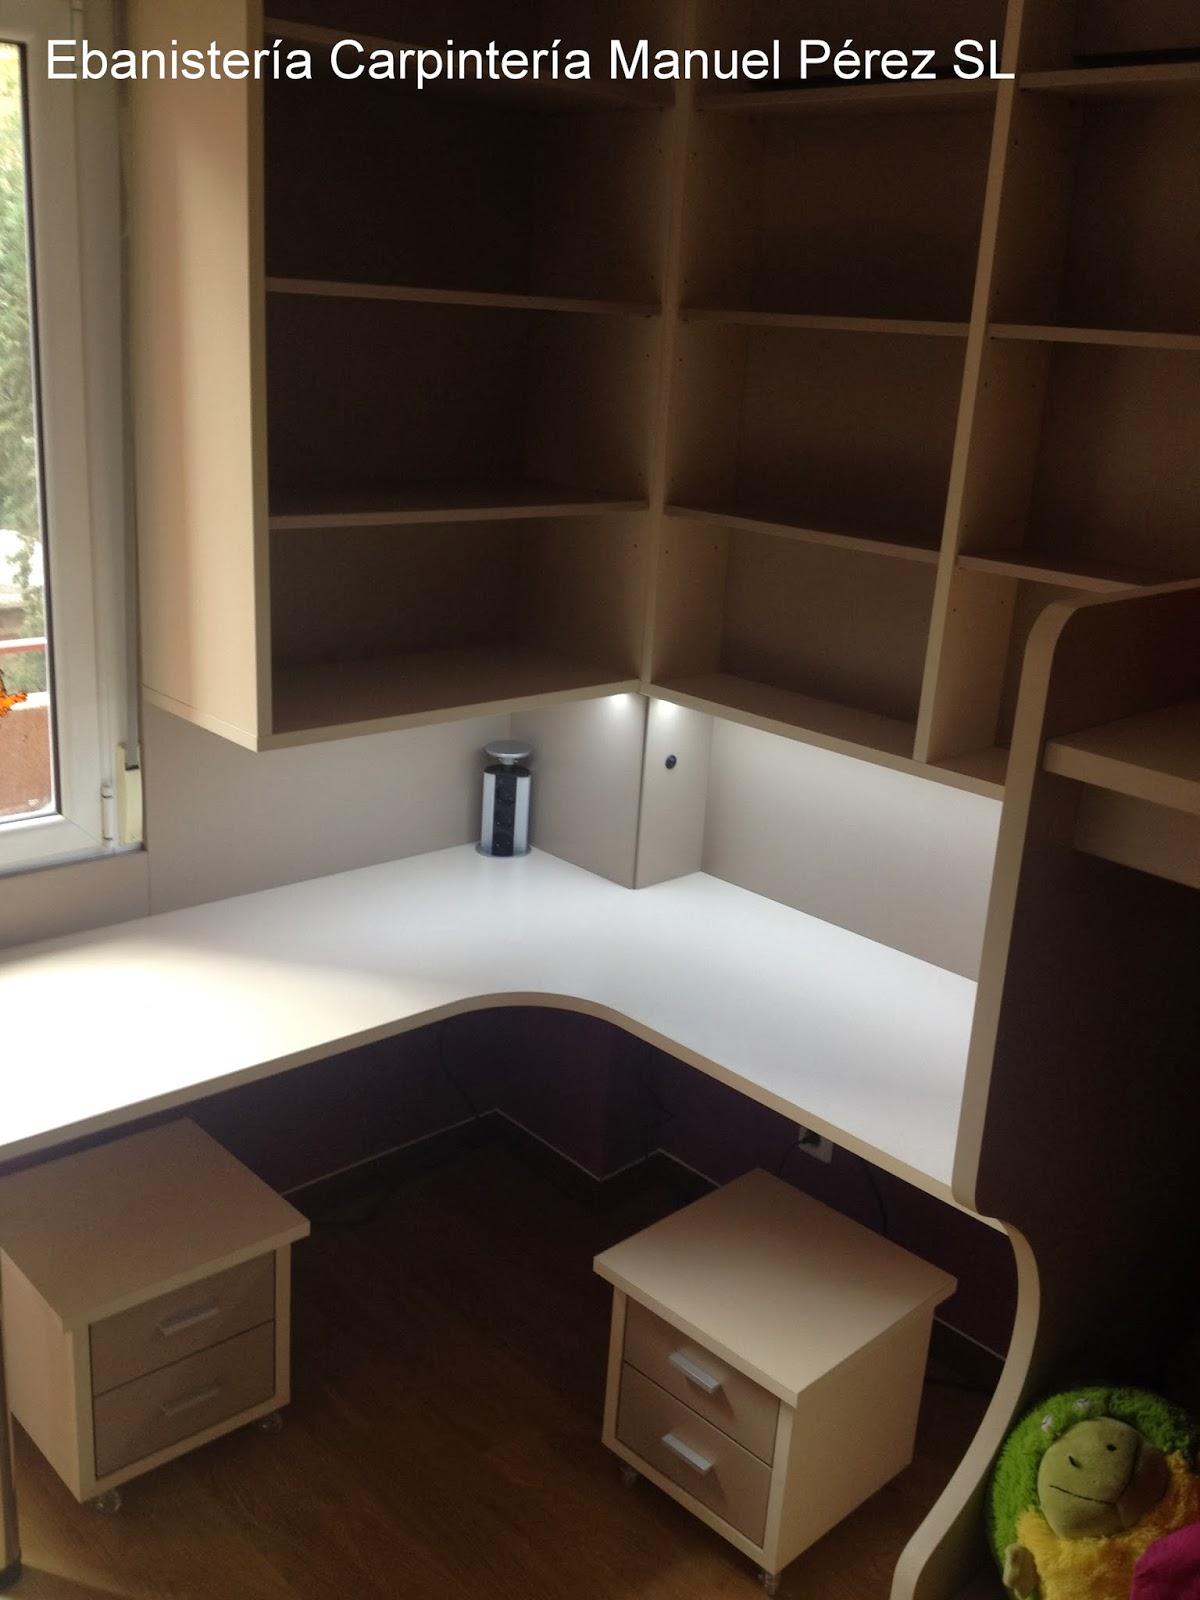 Carpinteria manuel perez zaragoza fabricaci n y - Iluminacion interior armarios ...